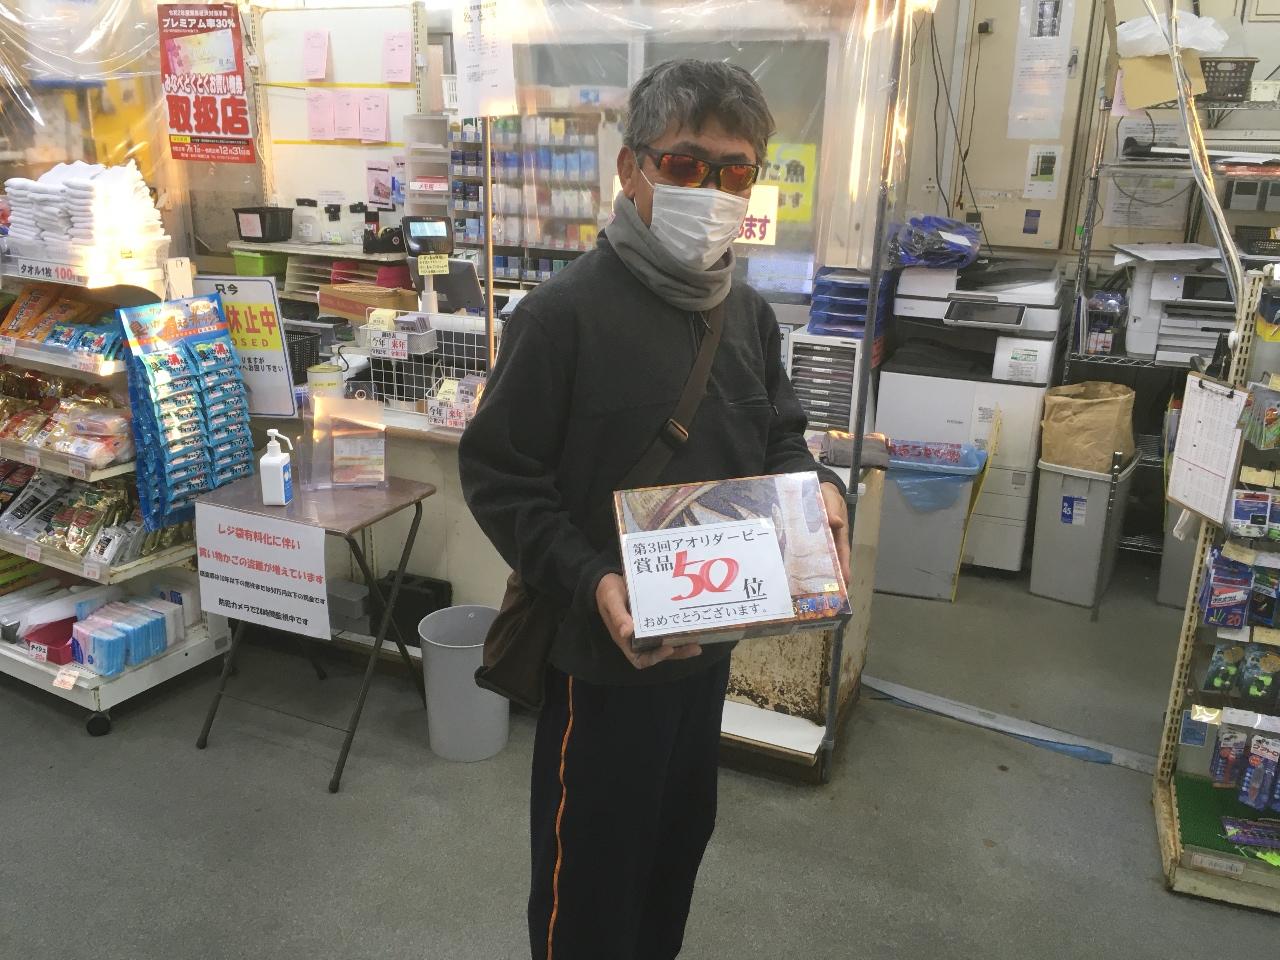 12/25    第5回アオリダービー     50 位  滋賀アオリばか様  ワンピース1000ピースジグソーパズルget !! おめでとうございます。